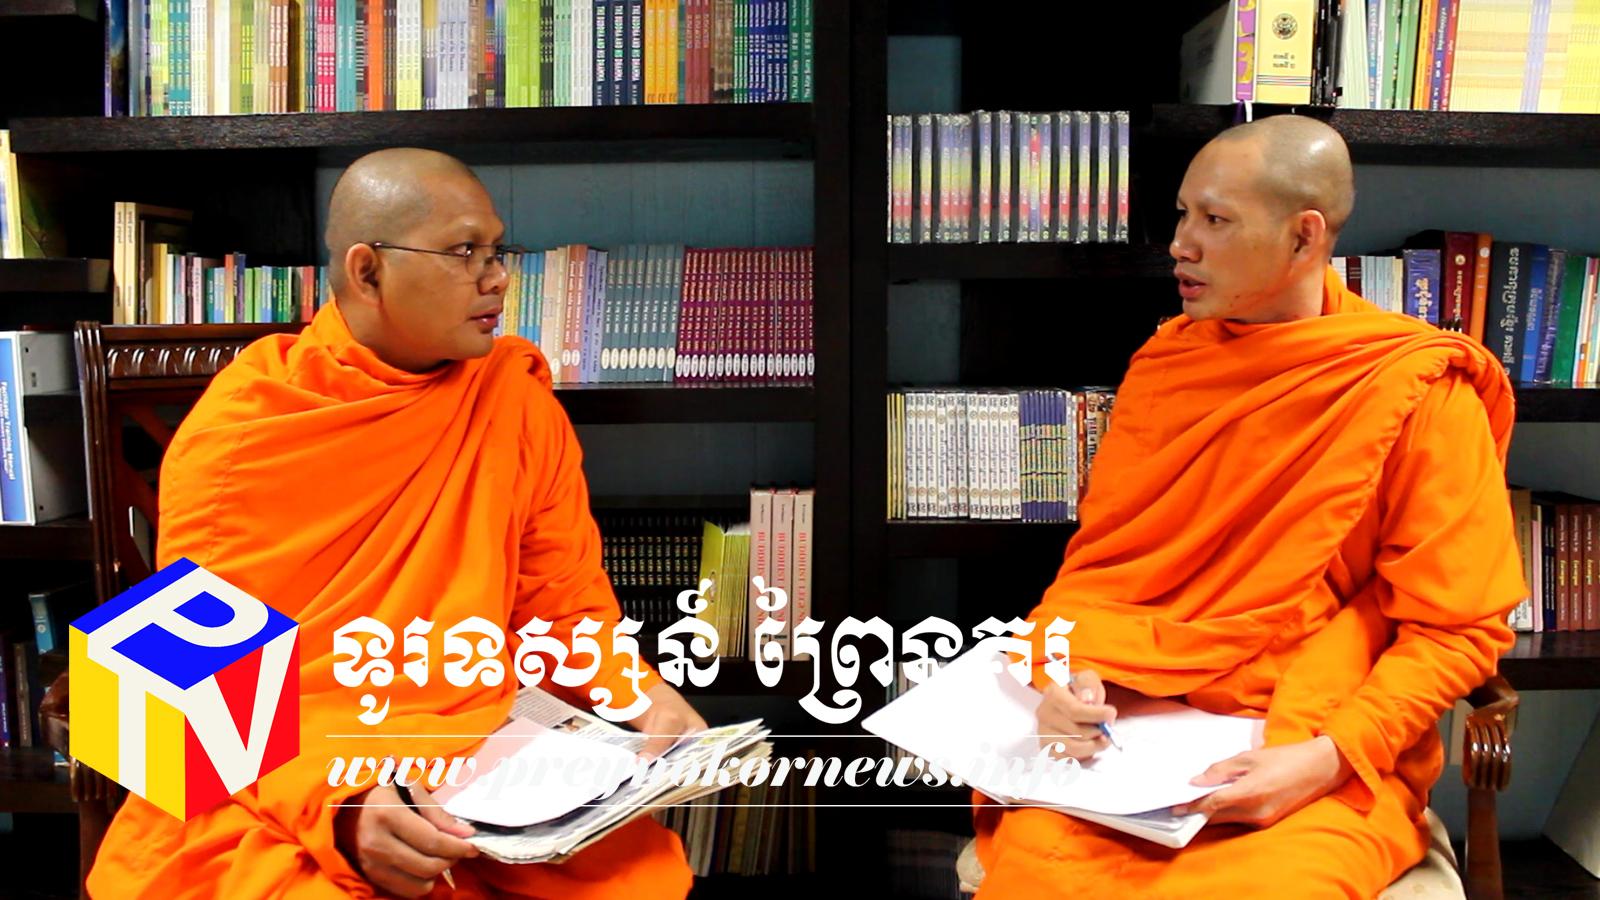 Đại đức Sơn Yoeng Ratana chủ tịch Ủy Ban Thông Tin Liên Minh Khmer Kampuchea Krom (KKFID), Giám Đốc Đài Tiếng Nói Kampuchea Krom (VOKK) và Báo Prey Nokor (Prey Nokor News) và Đại đức Trần Thạch Dũng cựu giảng sư thuộc Học Viện Phật Giáo Theravada Khmer tại tỉnh Prek Reusey (Cần Thơ) trên Kênh Prey Nokor ngày 10 tháng 3 năm 2016.